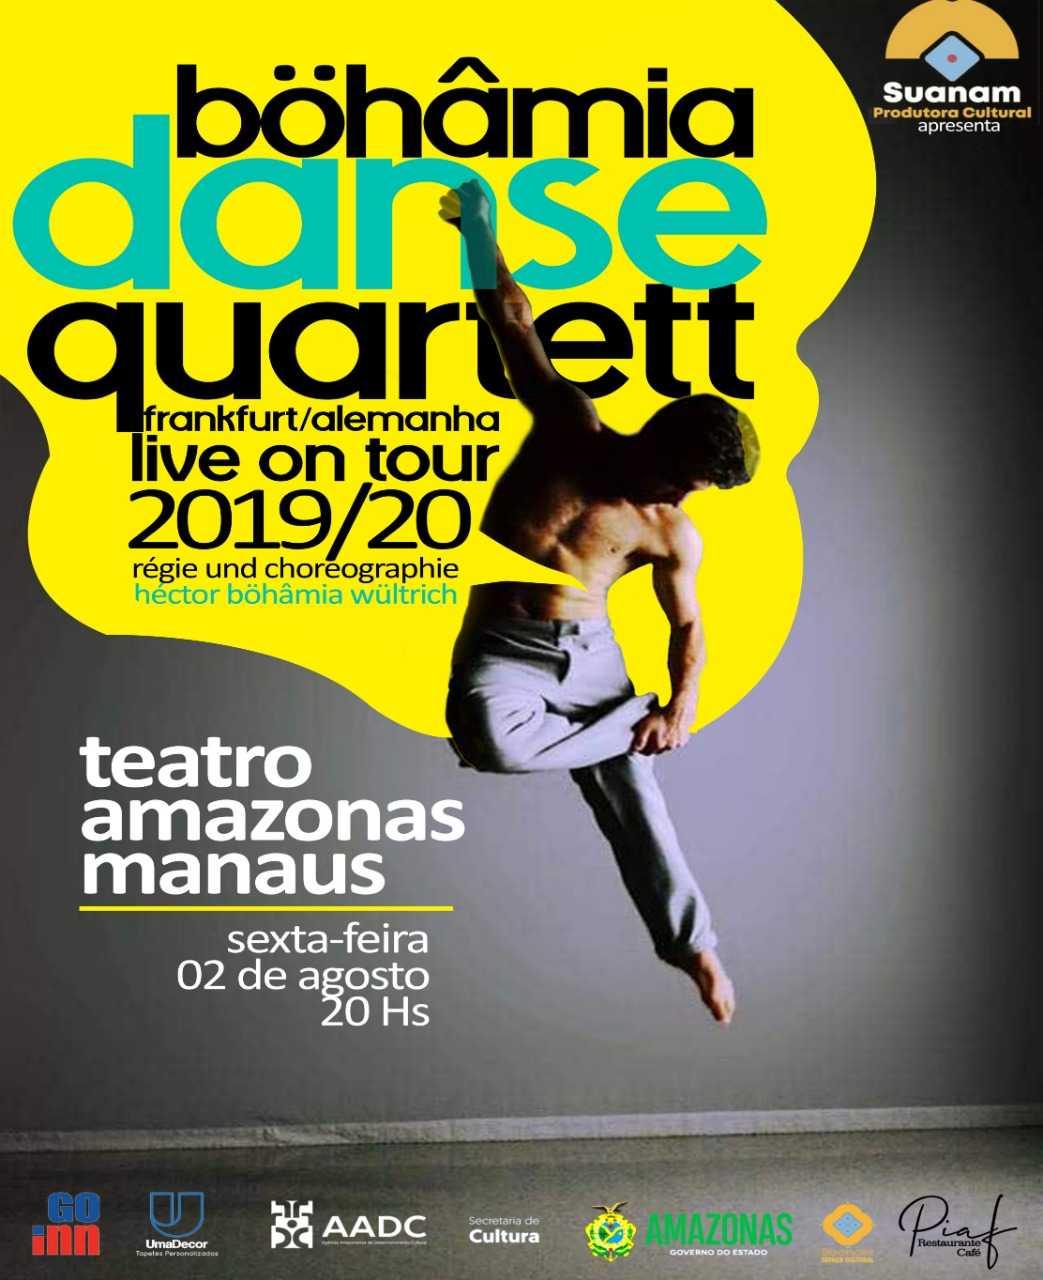 Companhia de dança prestigiada mundialmente faz apresentação única no Teatro Amazonas